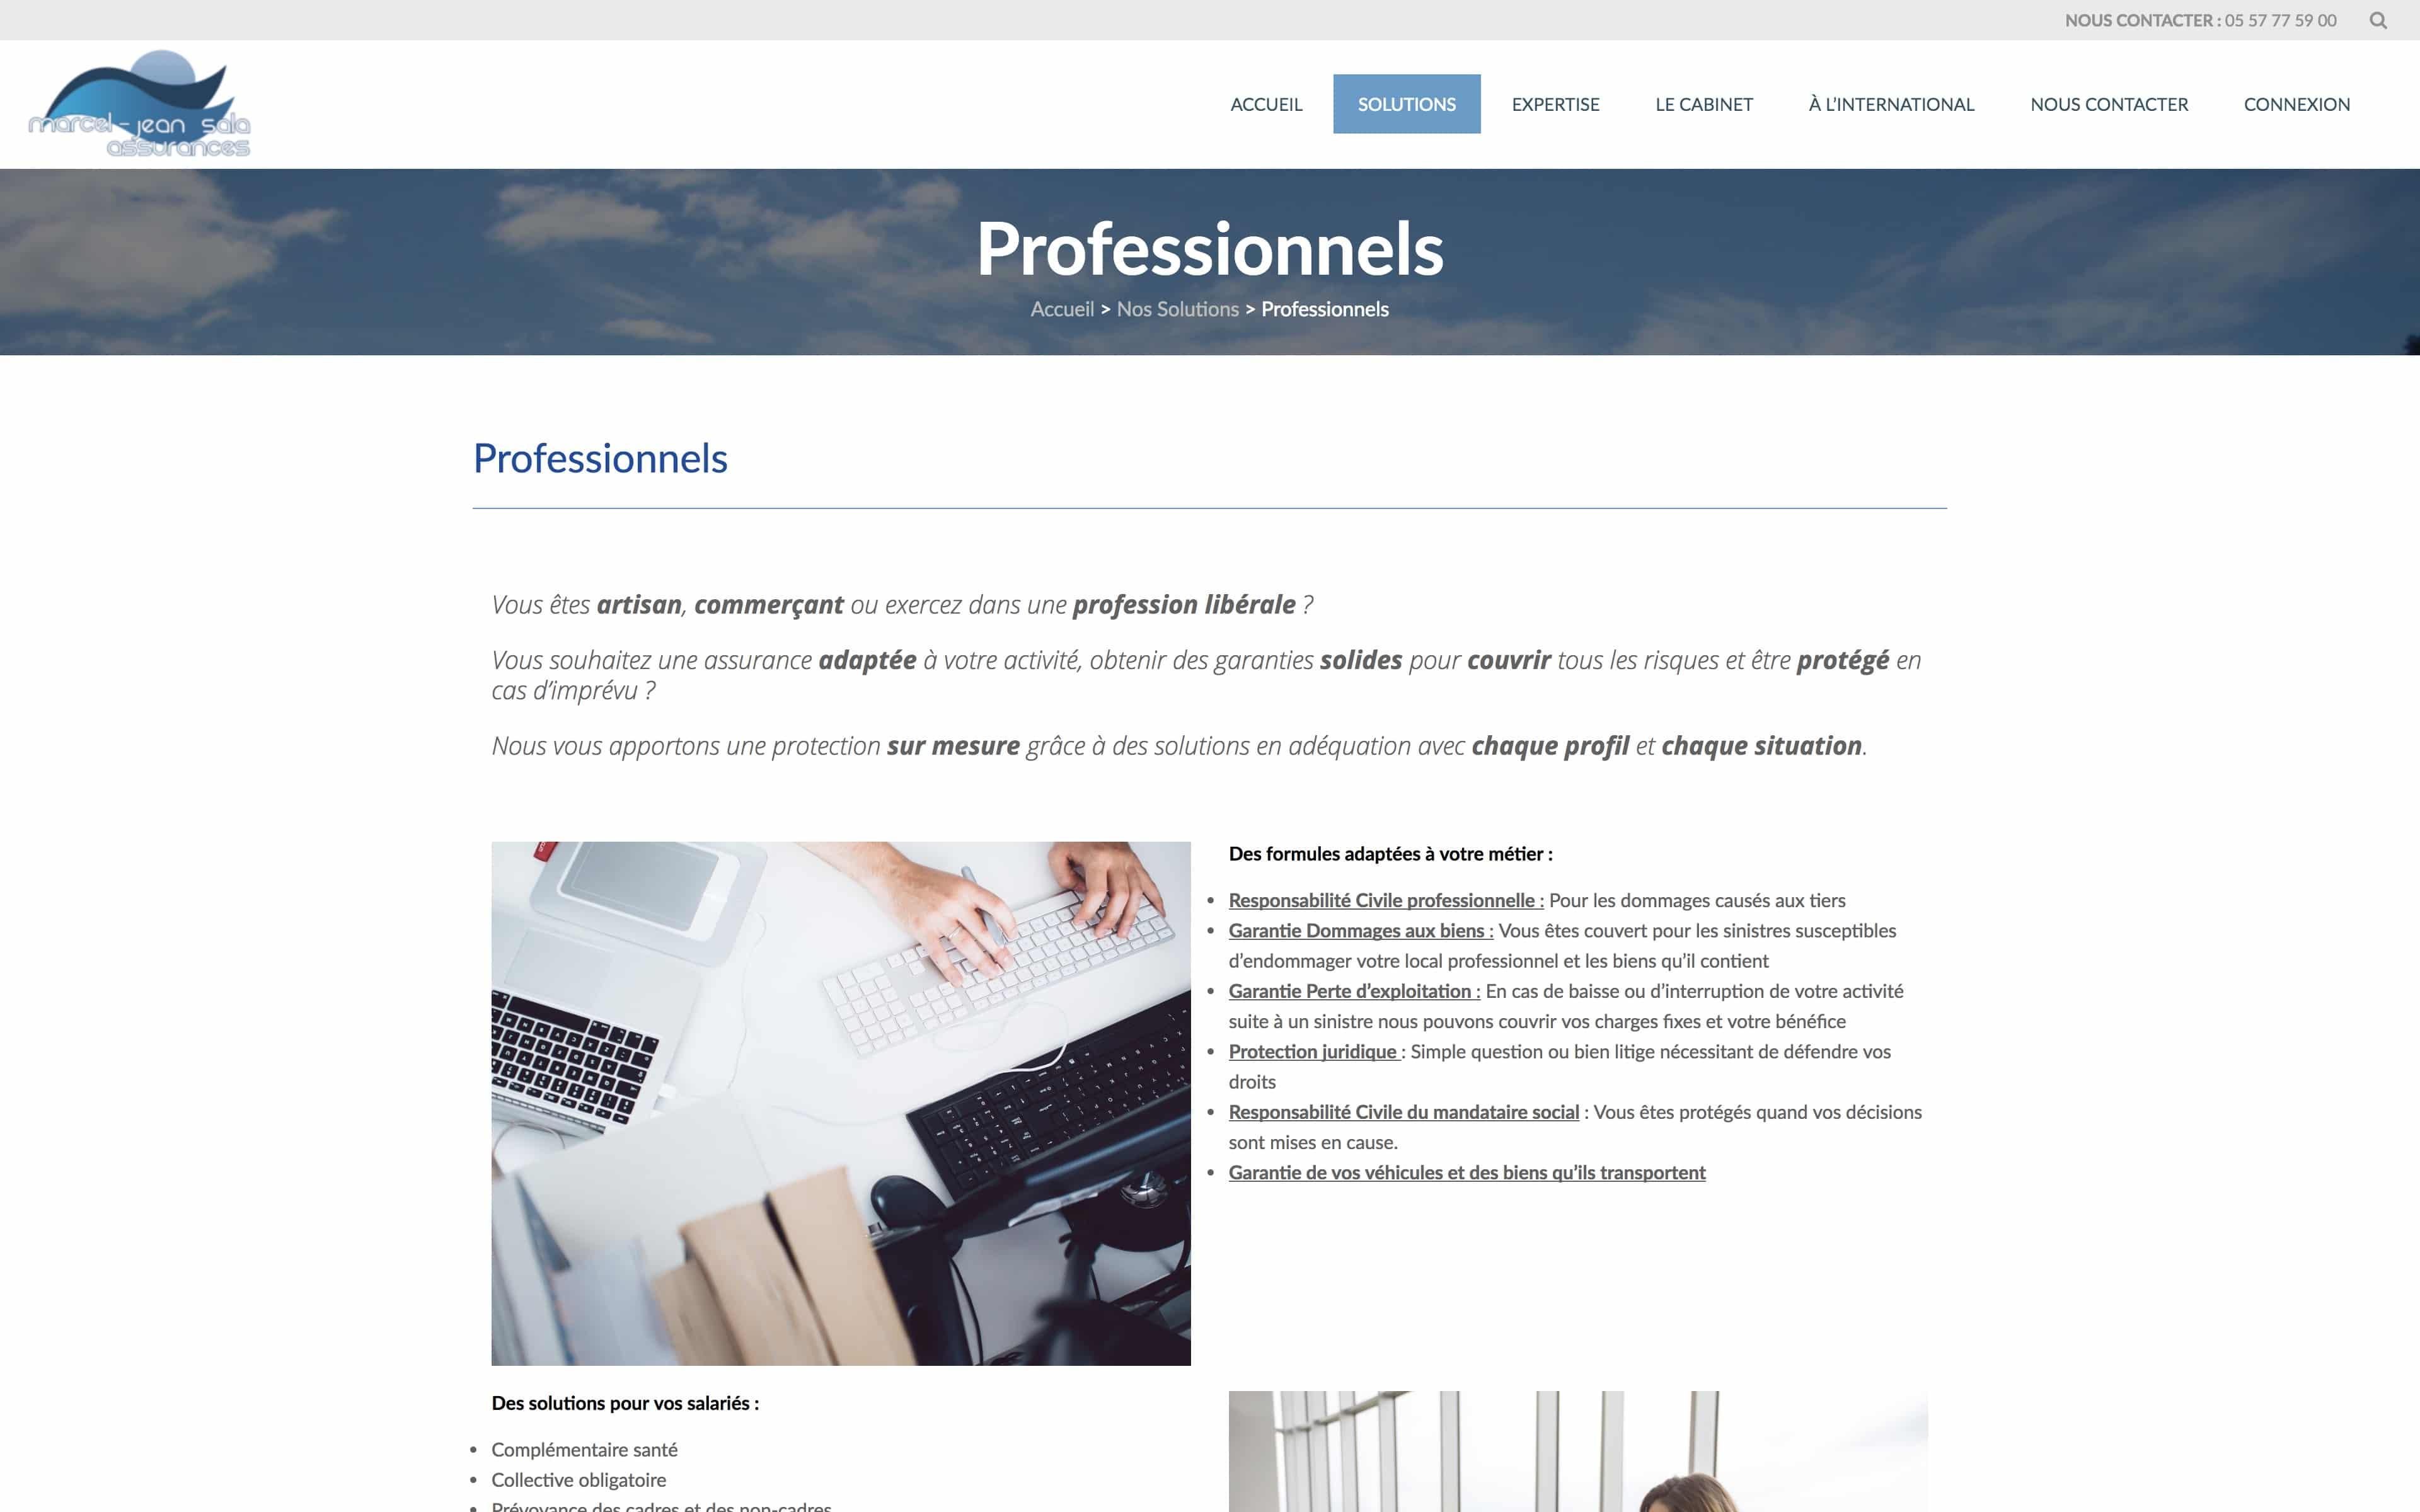 Page à thème développant le domaine des professionnels